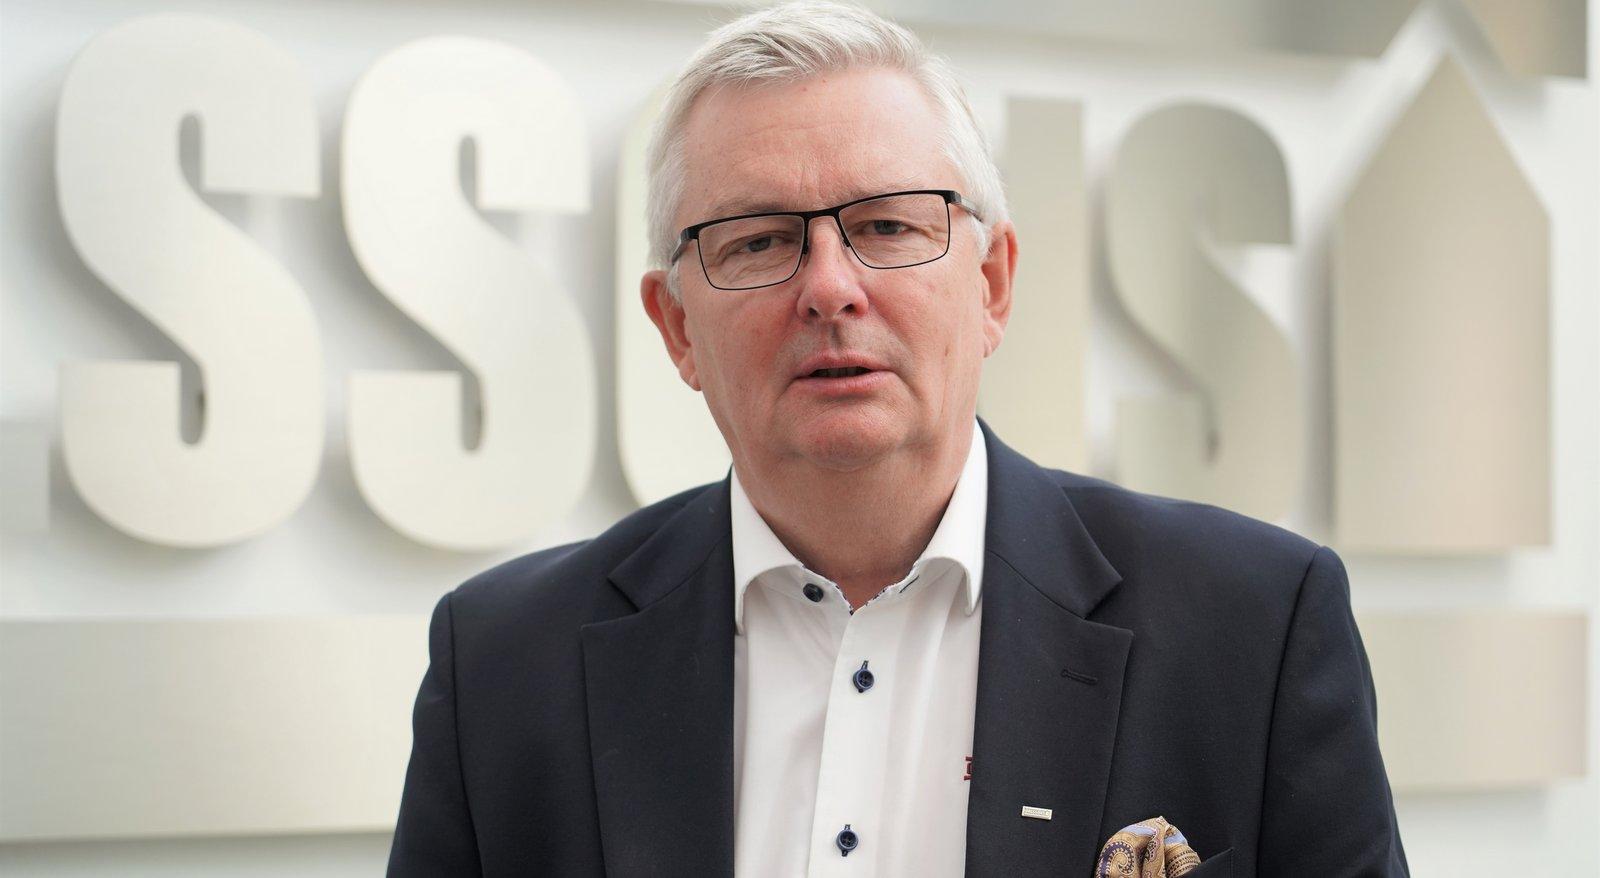 Christer Ohlsson är koncernchef för Ohlssons Invest AB.